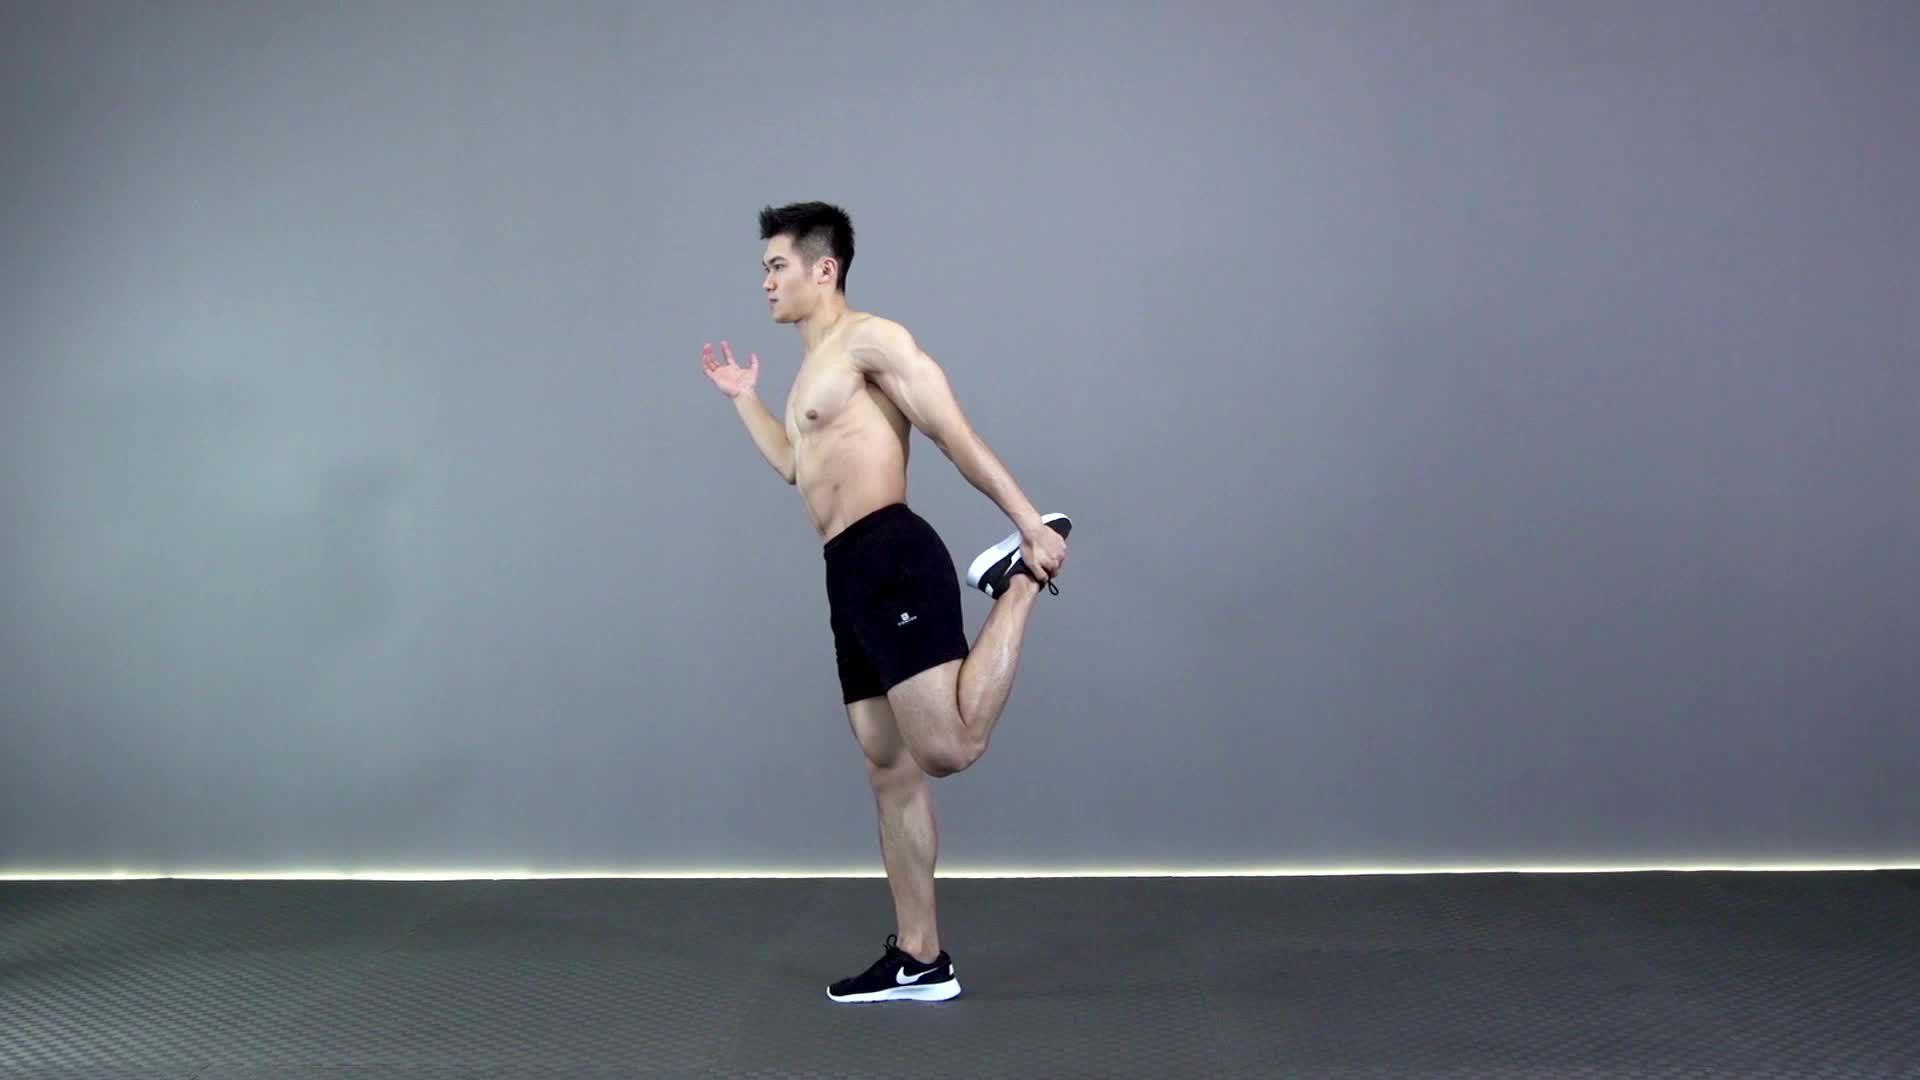 大腿前侧拉伸 L